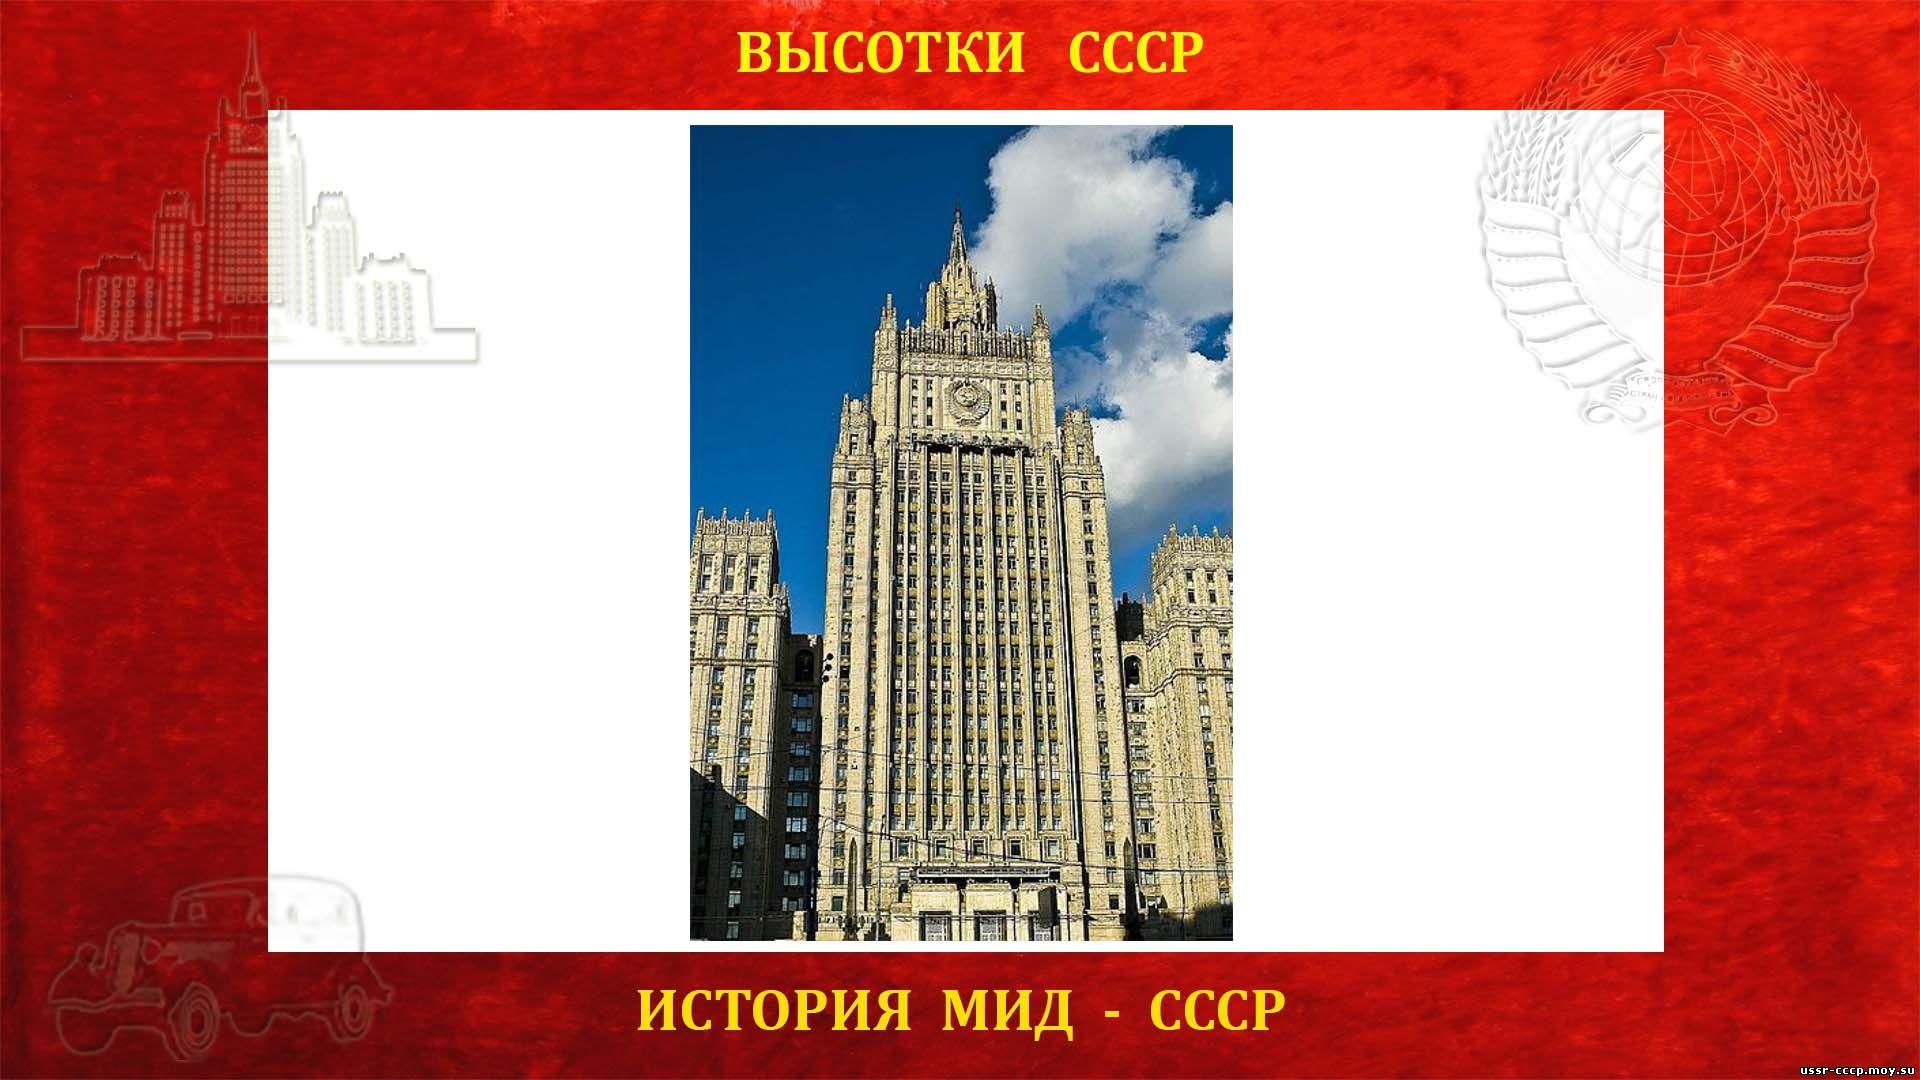 Здание Министерства иностранных дел СССР